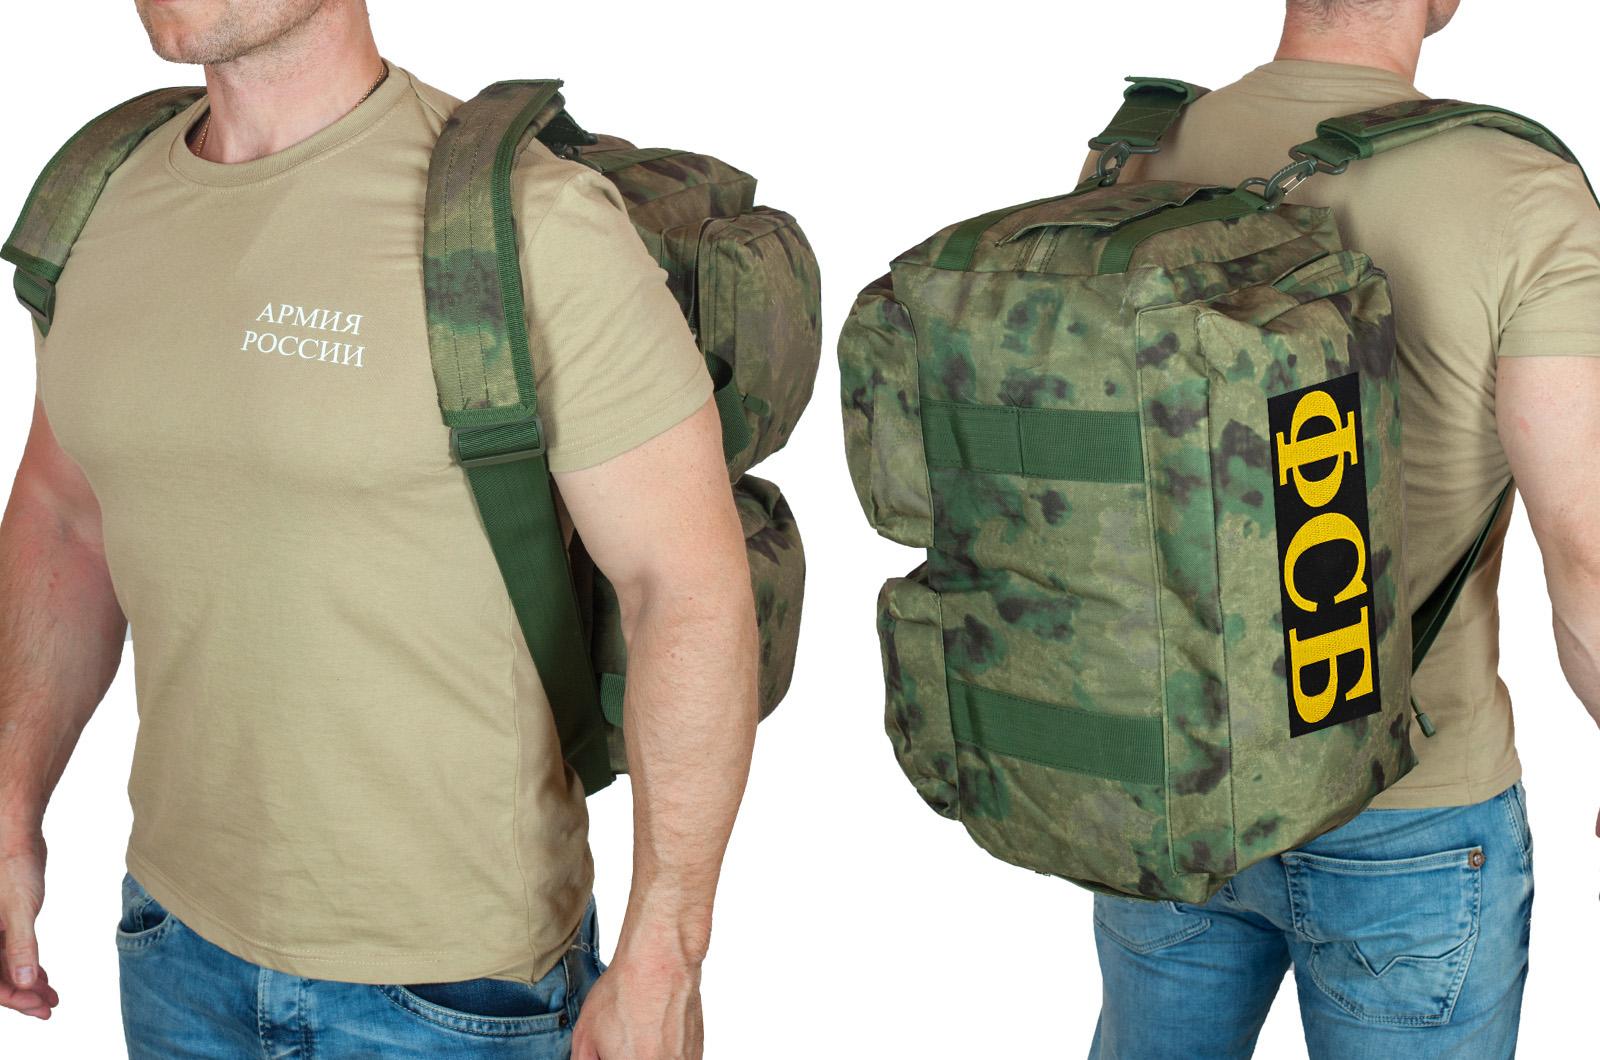 Камуфляжная заплечная сумка с нашивкой ФСБ